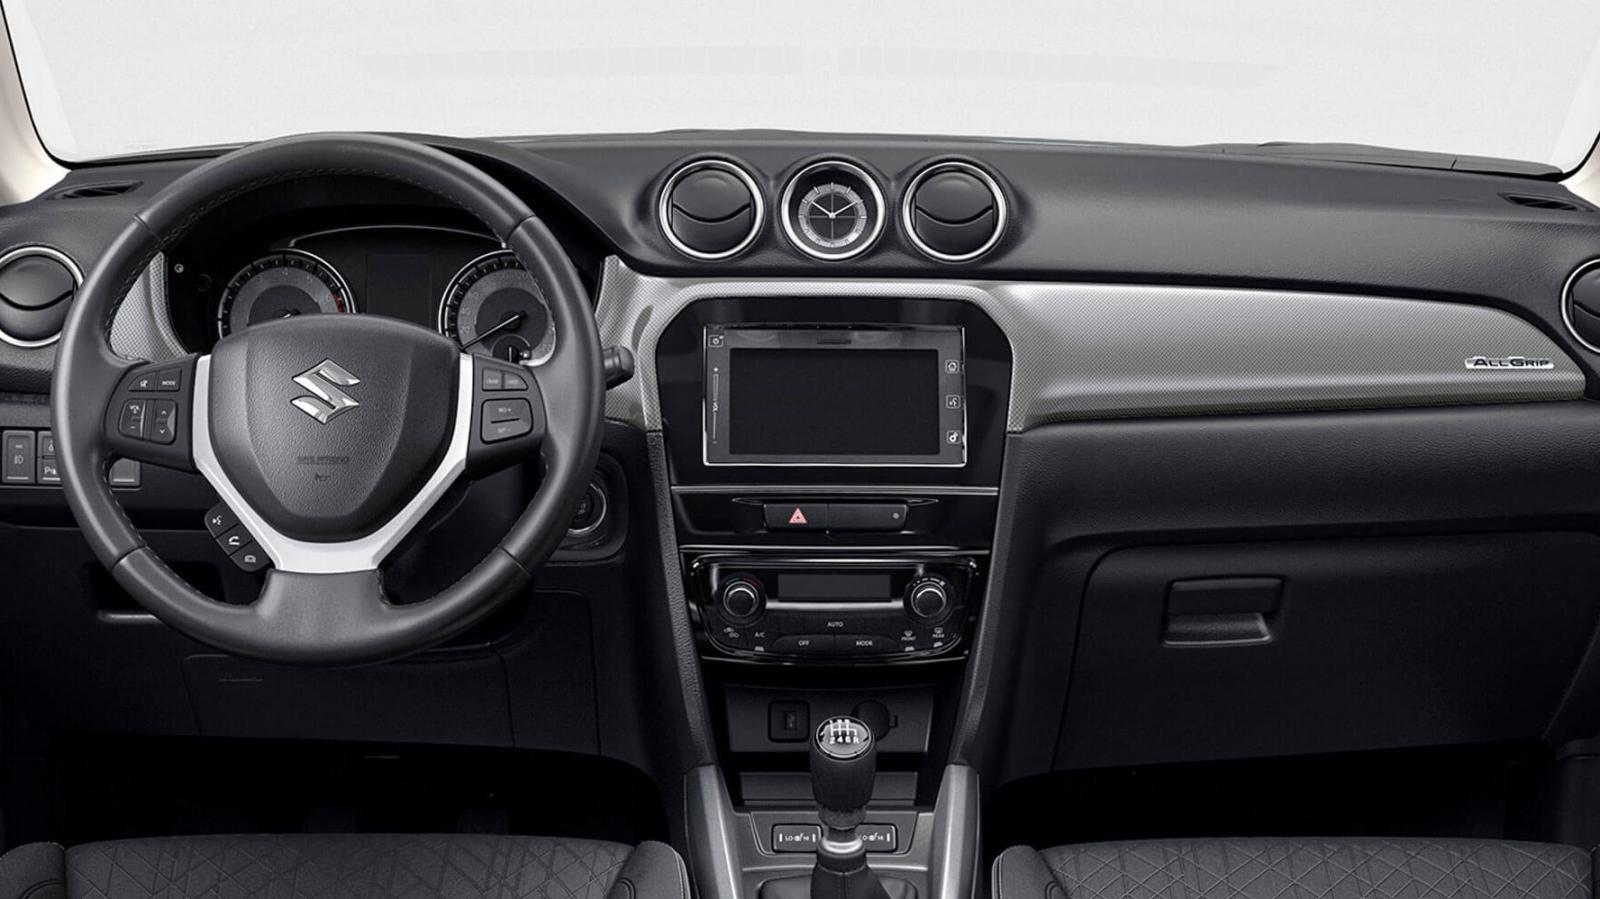 La Suzuki Vitara Boosterjet All Grip 2020 resena opiniones lleva superficies plásticas suaves e insertos de piel en algunas zonas